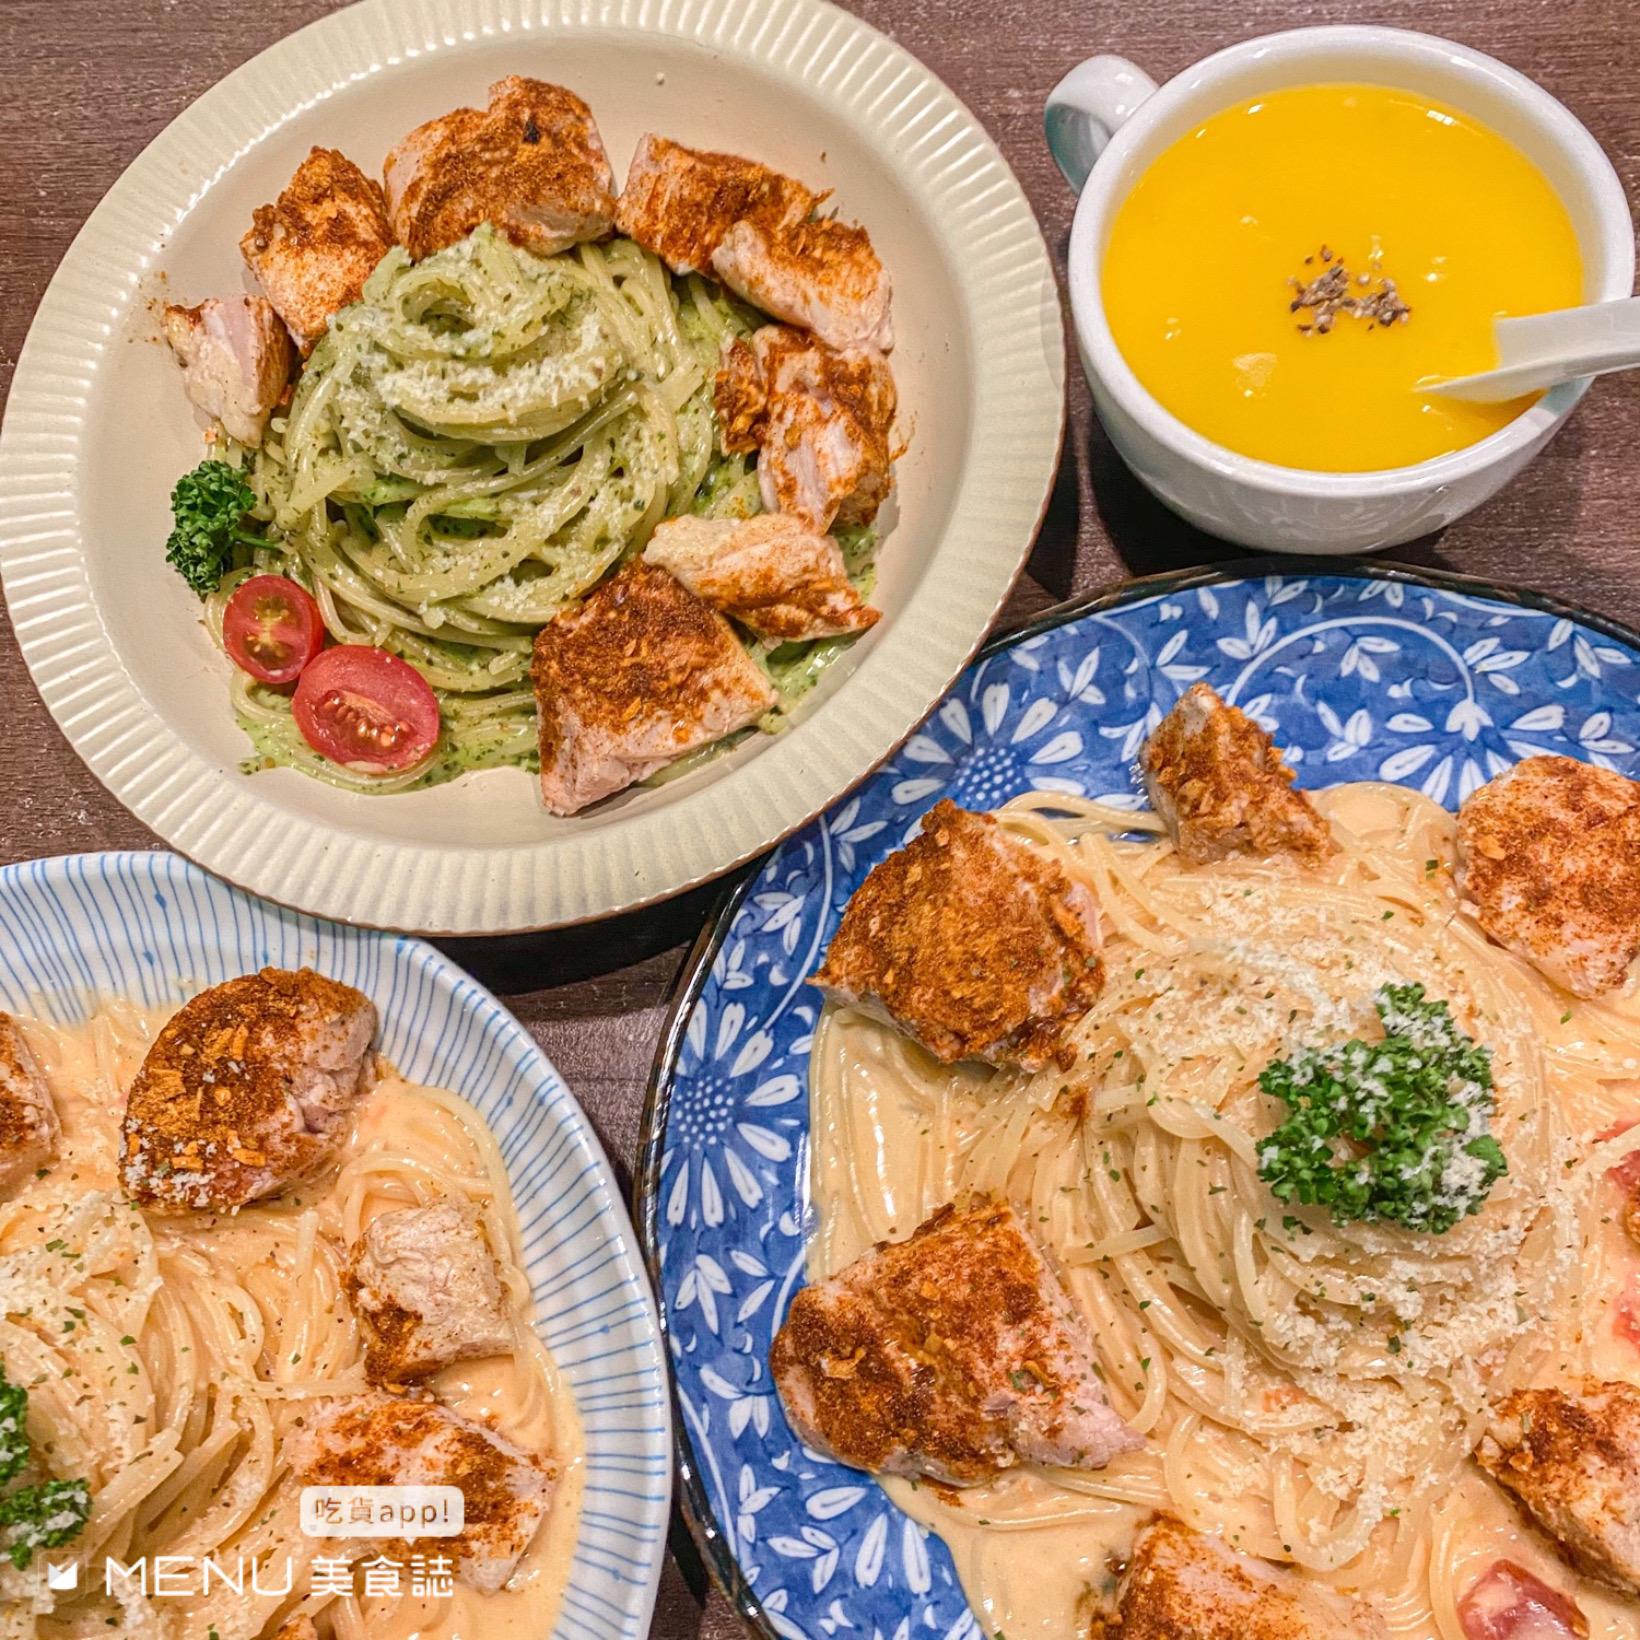 義大利麵口味百百種!全台 TOP10 義大利麵餐廳到底有什麼花招?日式義大利麵、油封鴨腿義大利麵!我的天,每間看起來都超好吃!